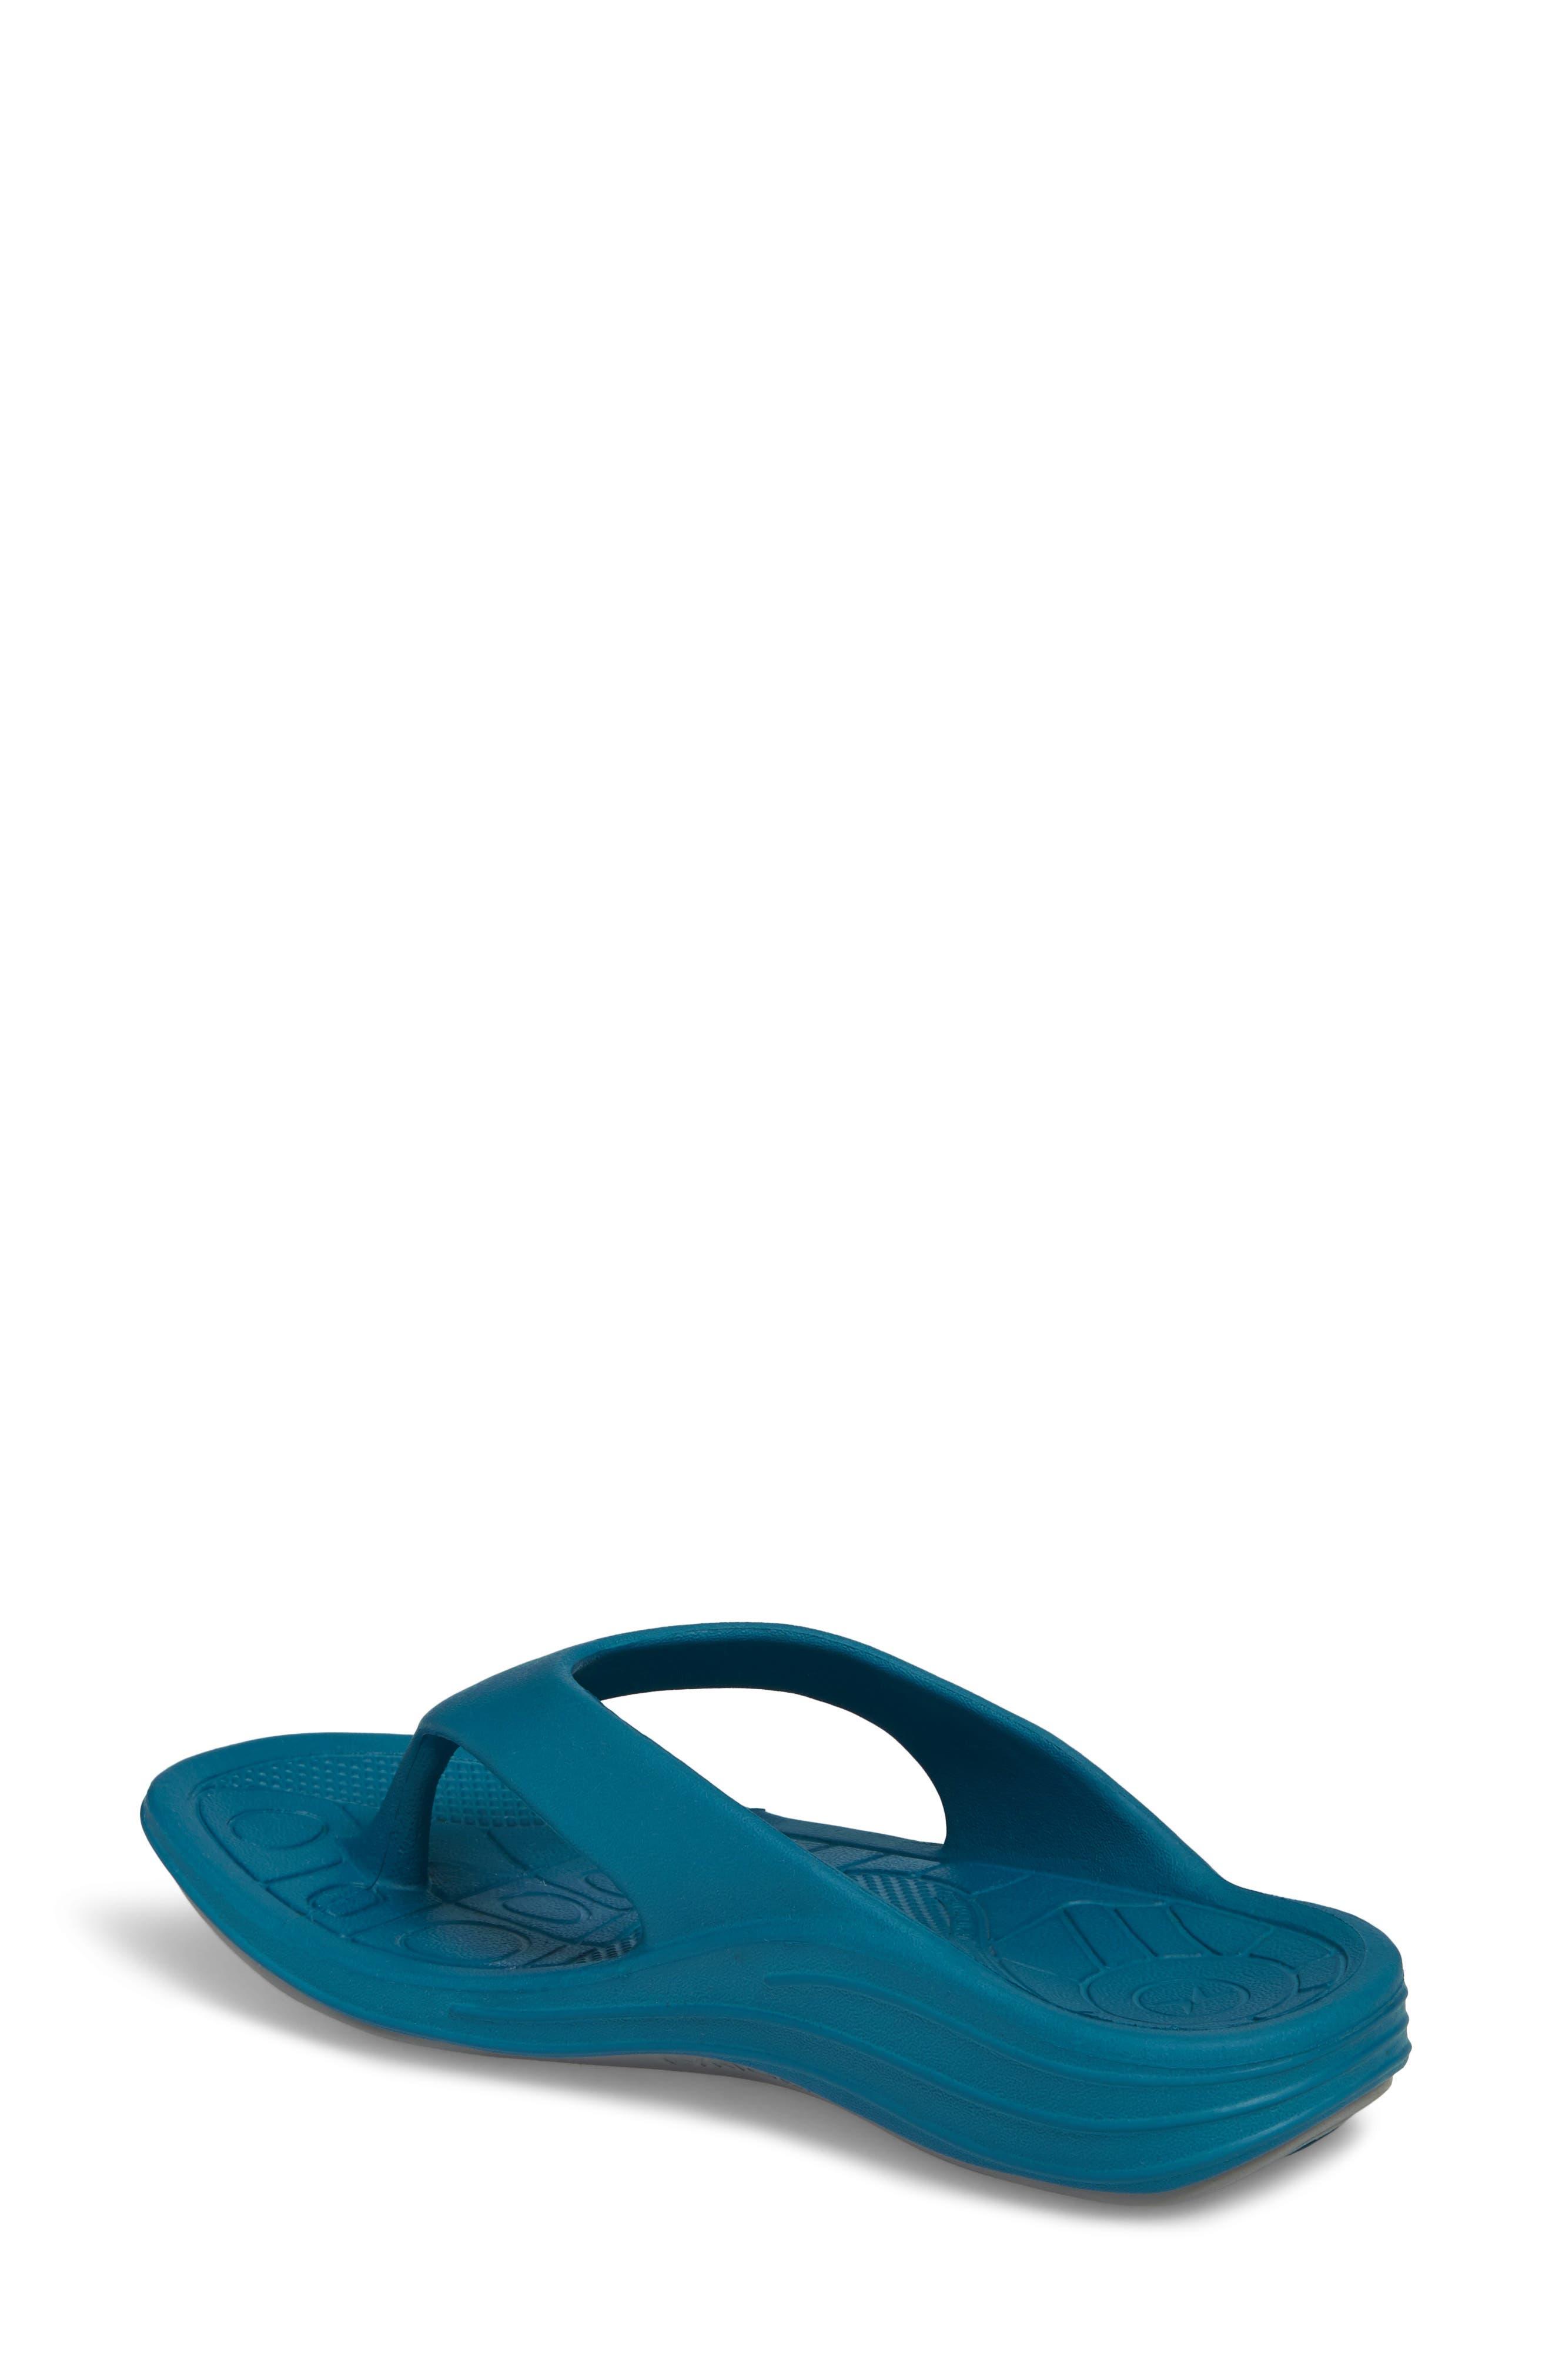 Lynco Flip Flop,                             Alternate thumbnail 2, color,                             Blue